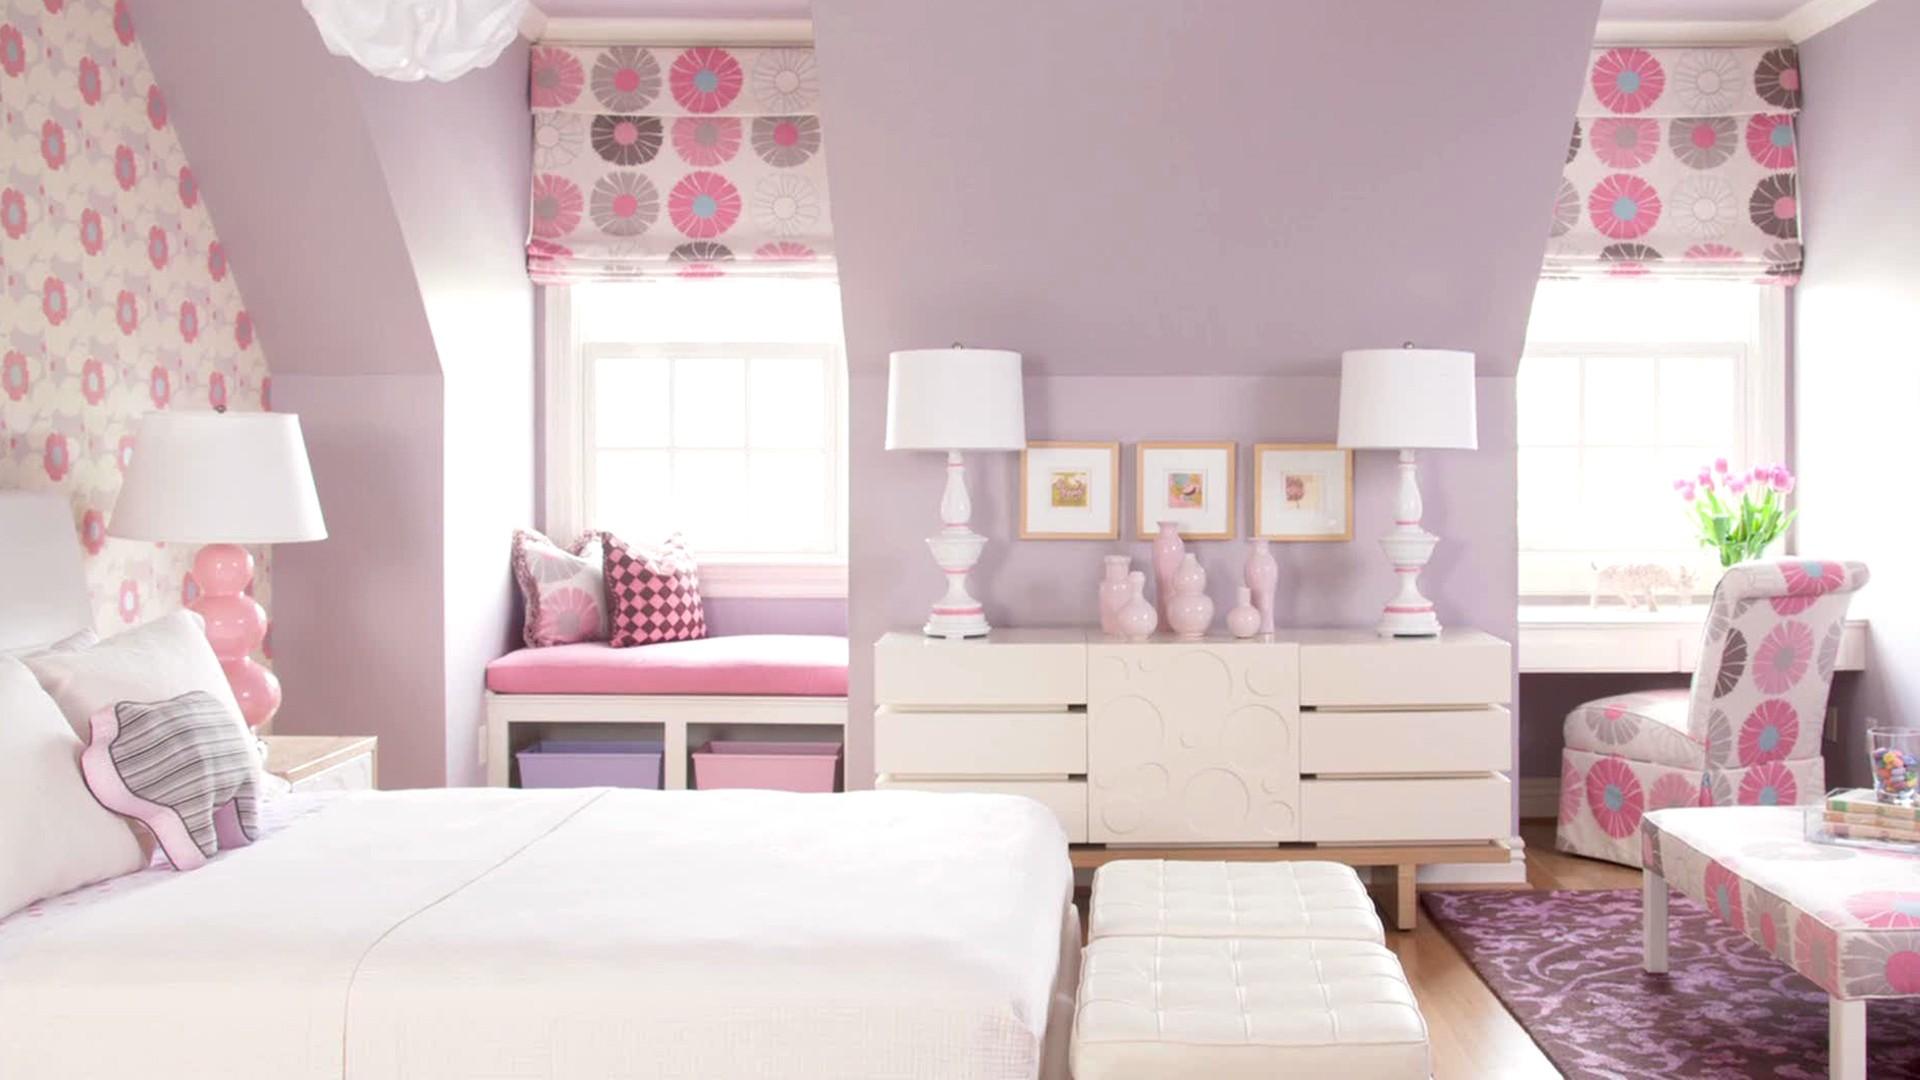 ألوان دهانات مناسبة لغرف أطفال بنات-غرفة موف